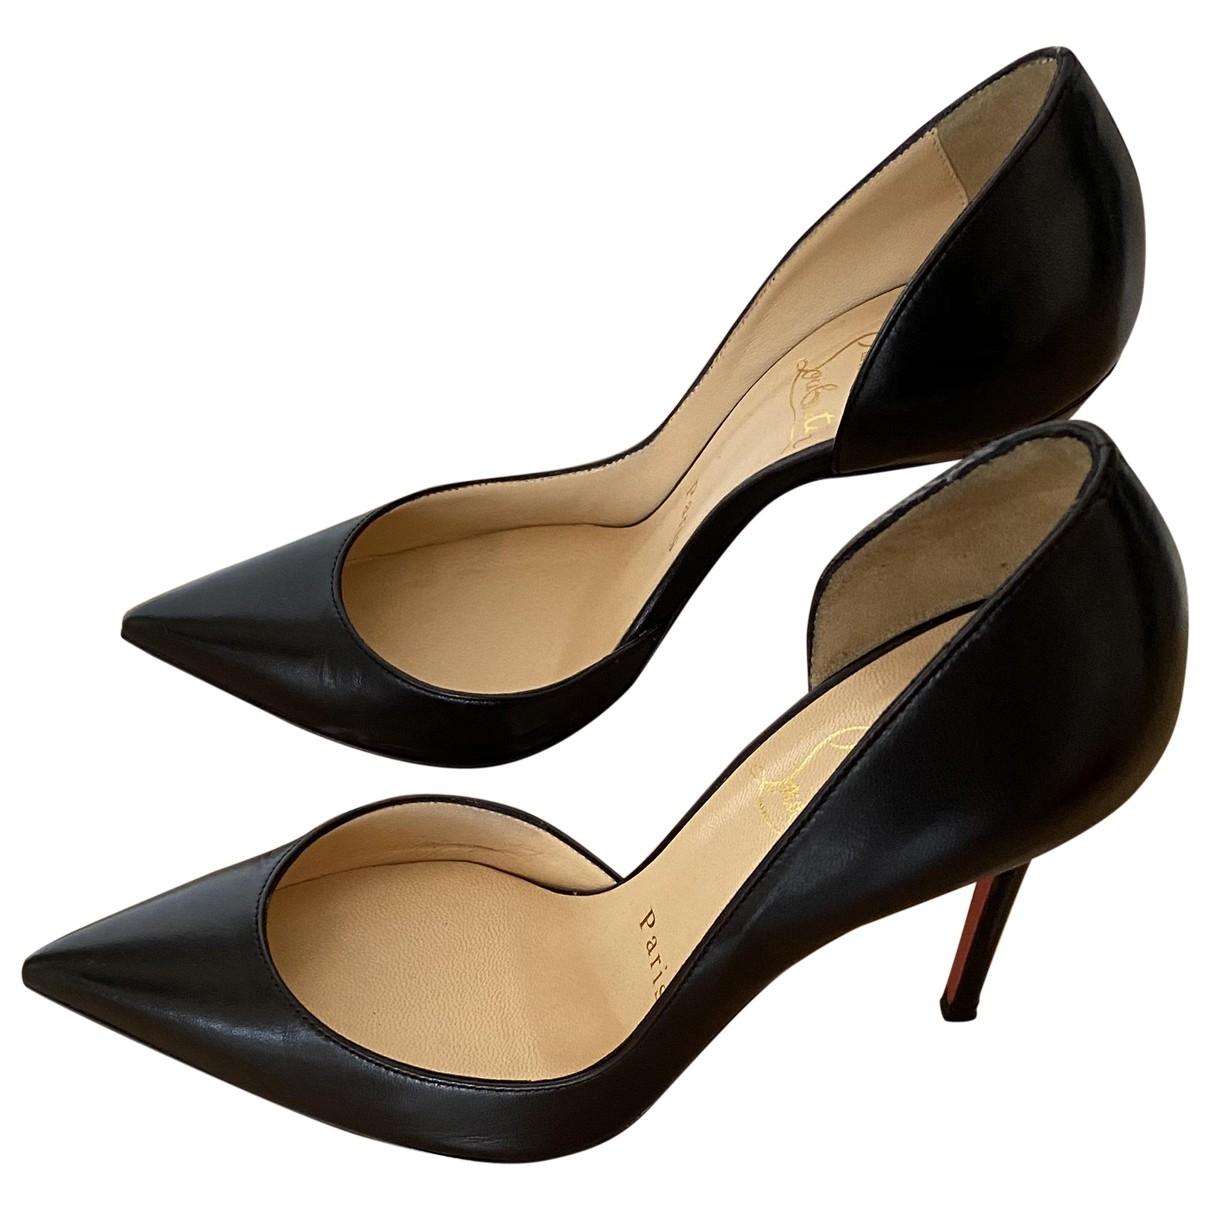 Christian Louboutin - Escarpins Iriza pour femme en cuir - noir